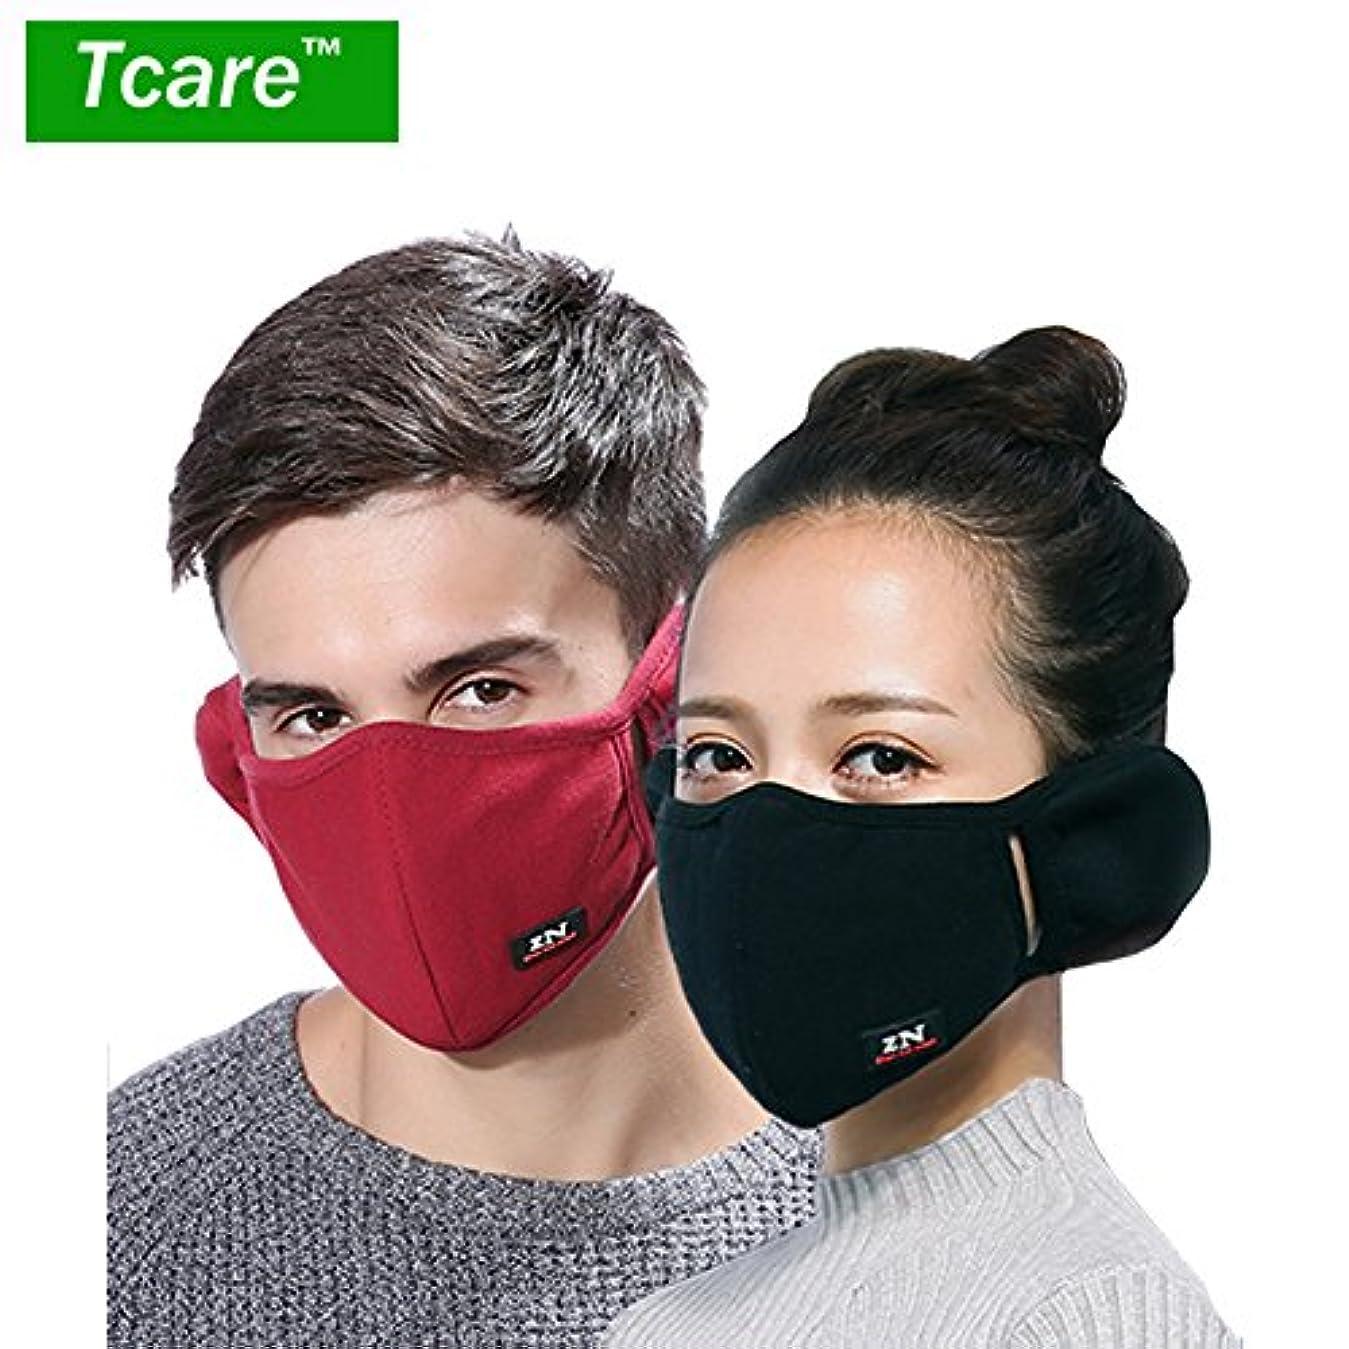 叫ぶ息を切らして予備男性女性の少年少女のためのTcare呼吸器2レイヤピュアコットン保護フィルター挿入口:10紺